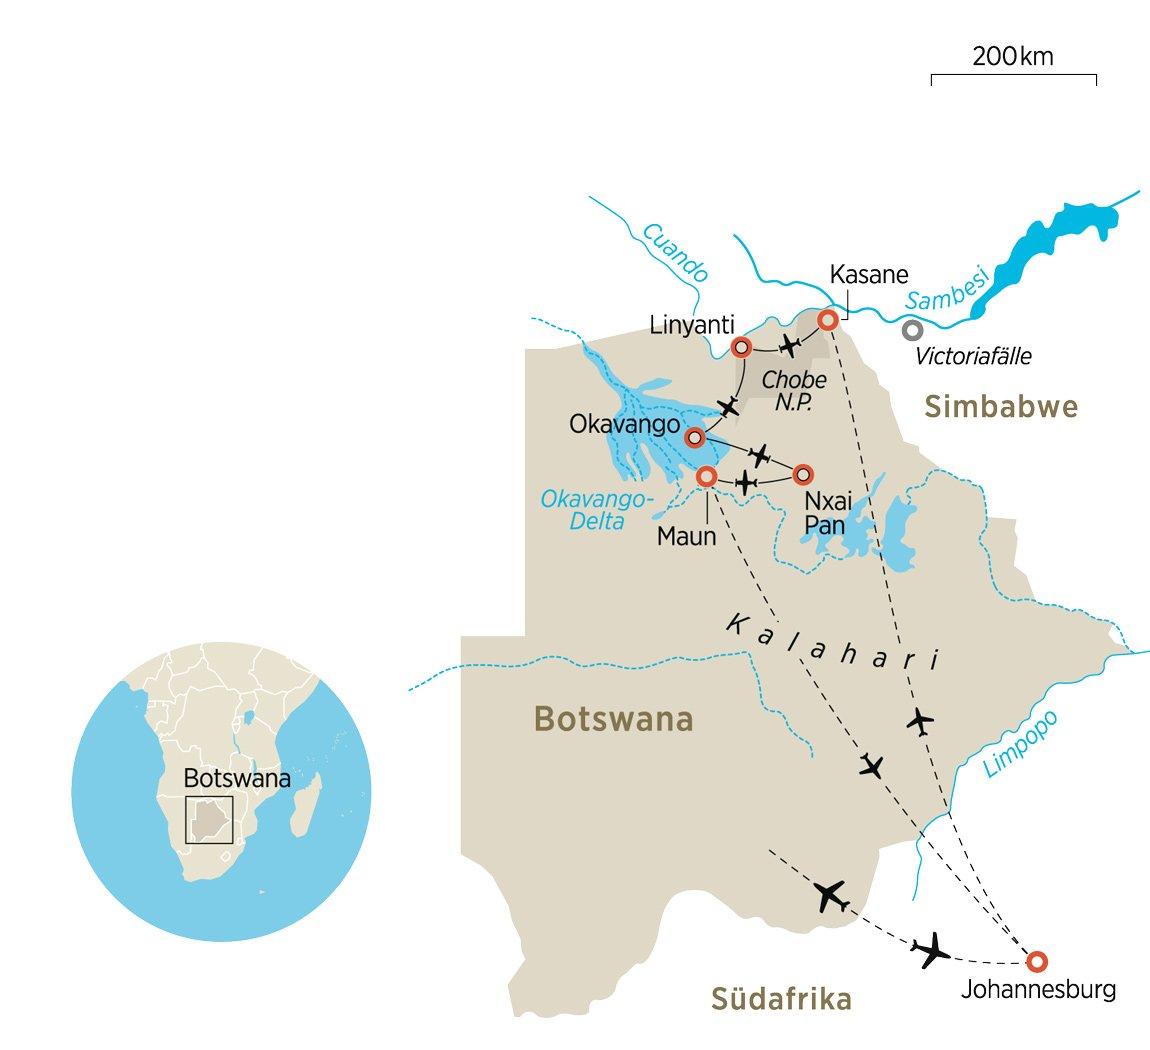 AFR-595_Botswana_20